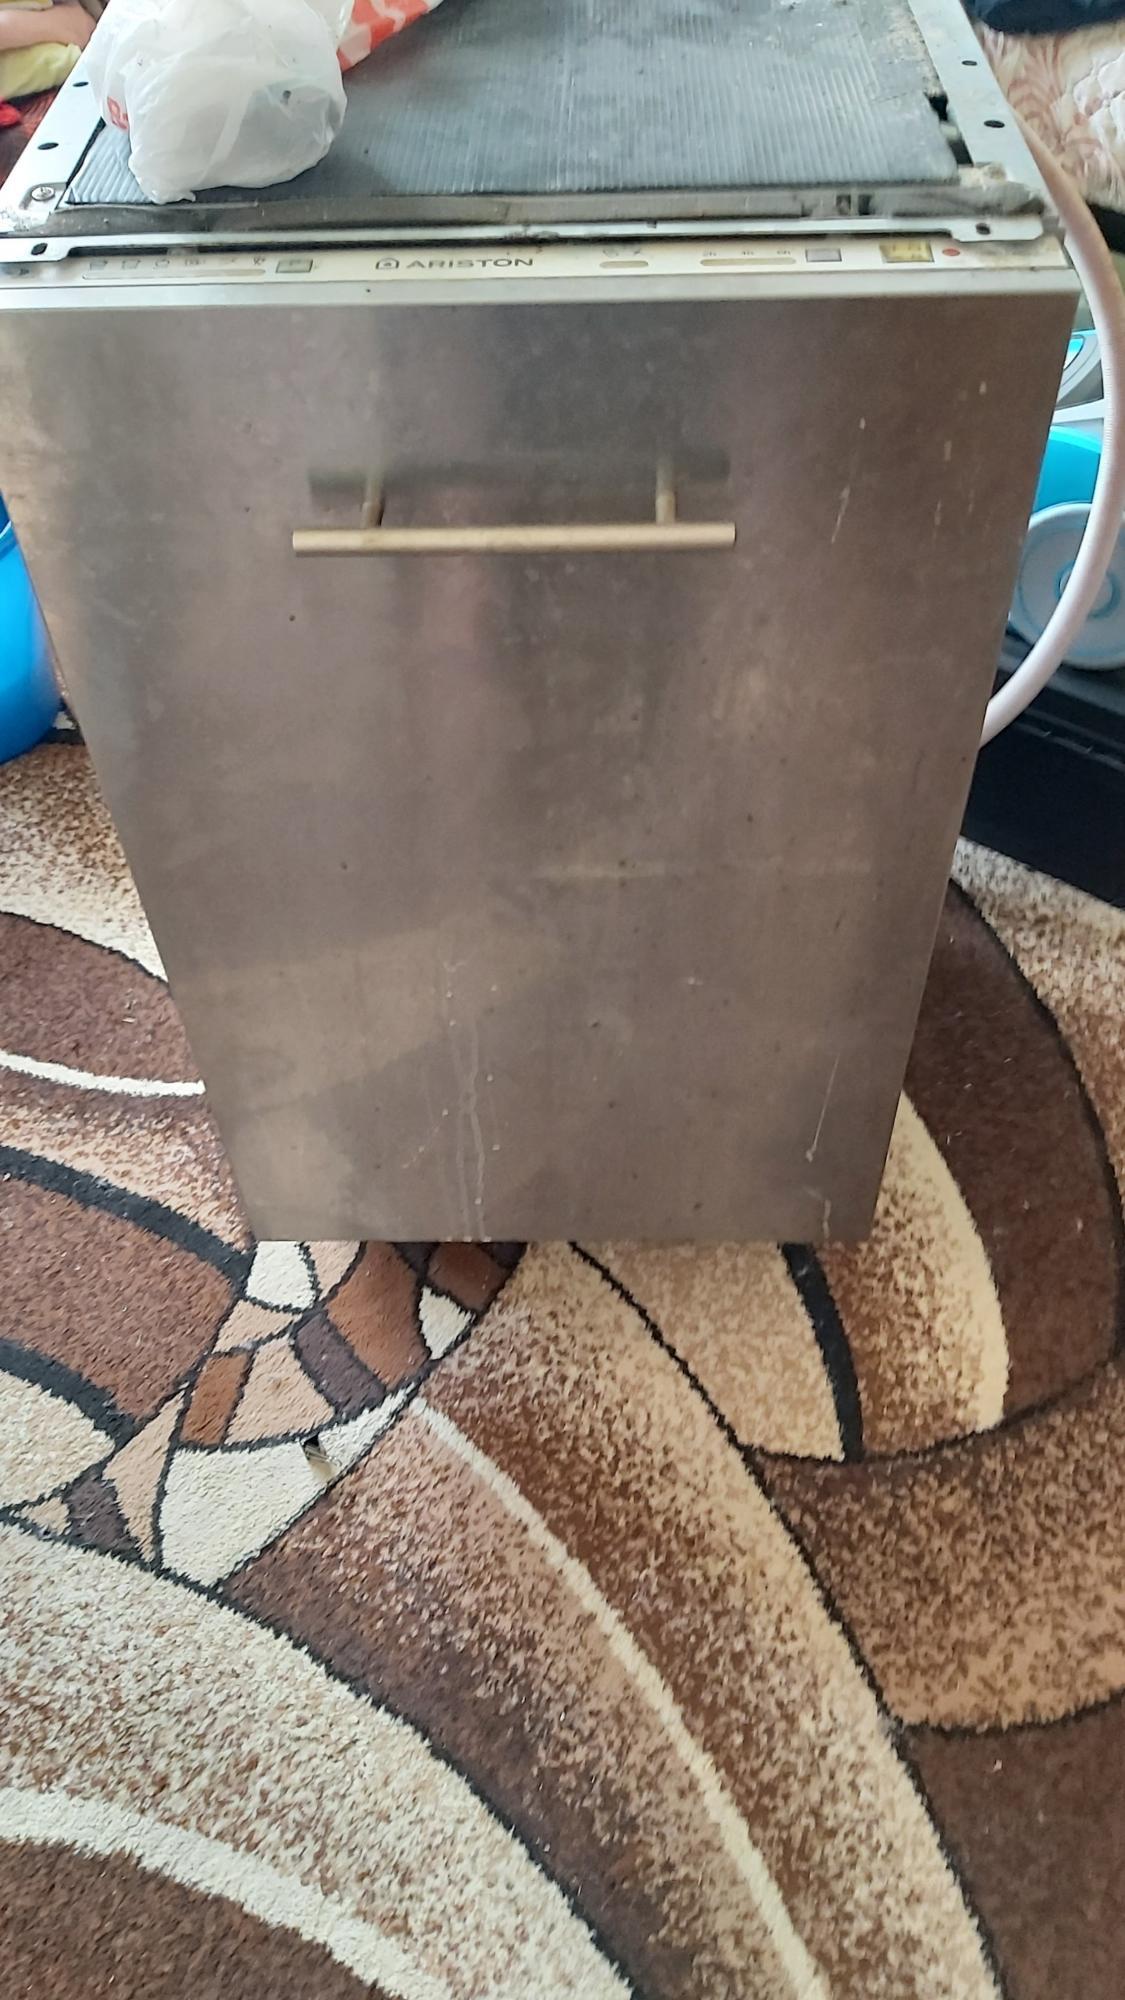 Посудомойка ARISTON в Котельниках 89261279167 купить 7